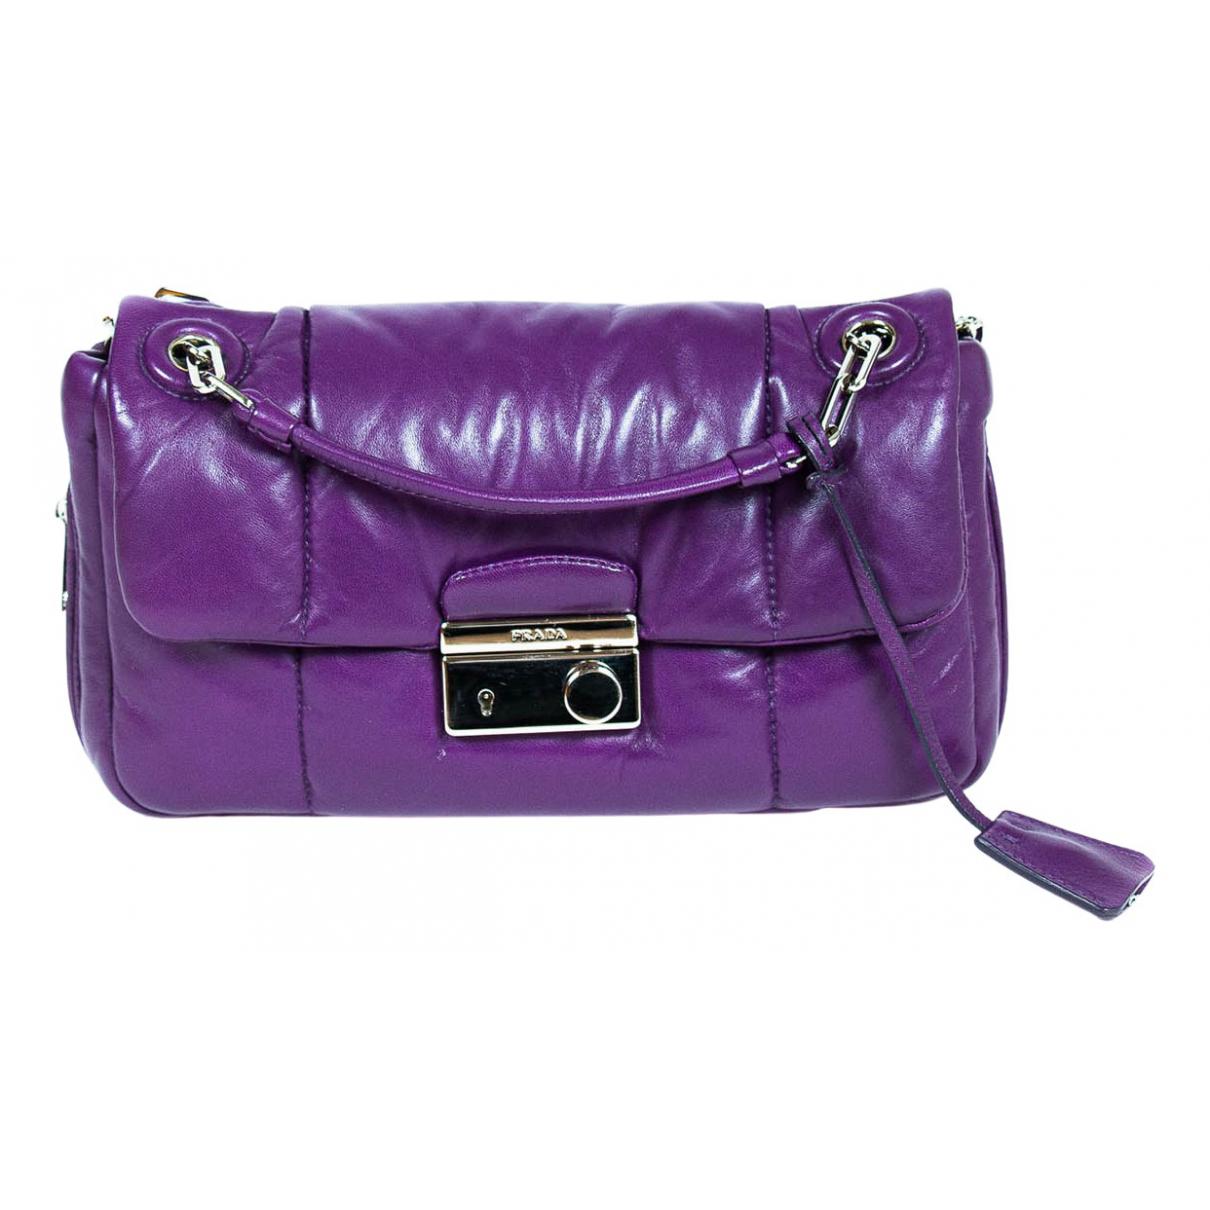 Prada \N Purple Leather Clutch bag for Women \N